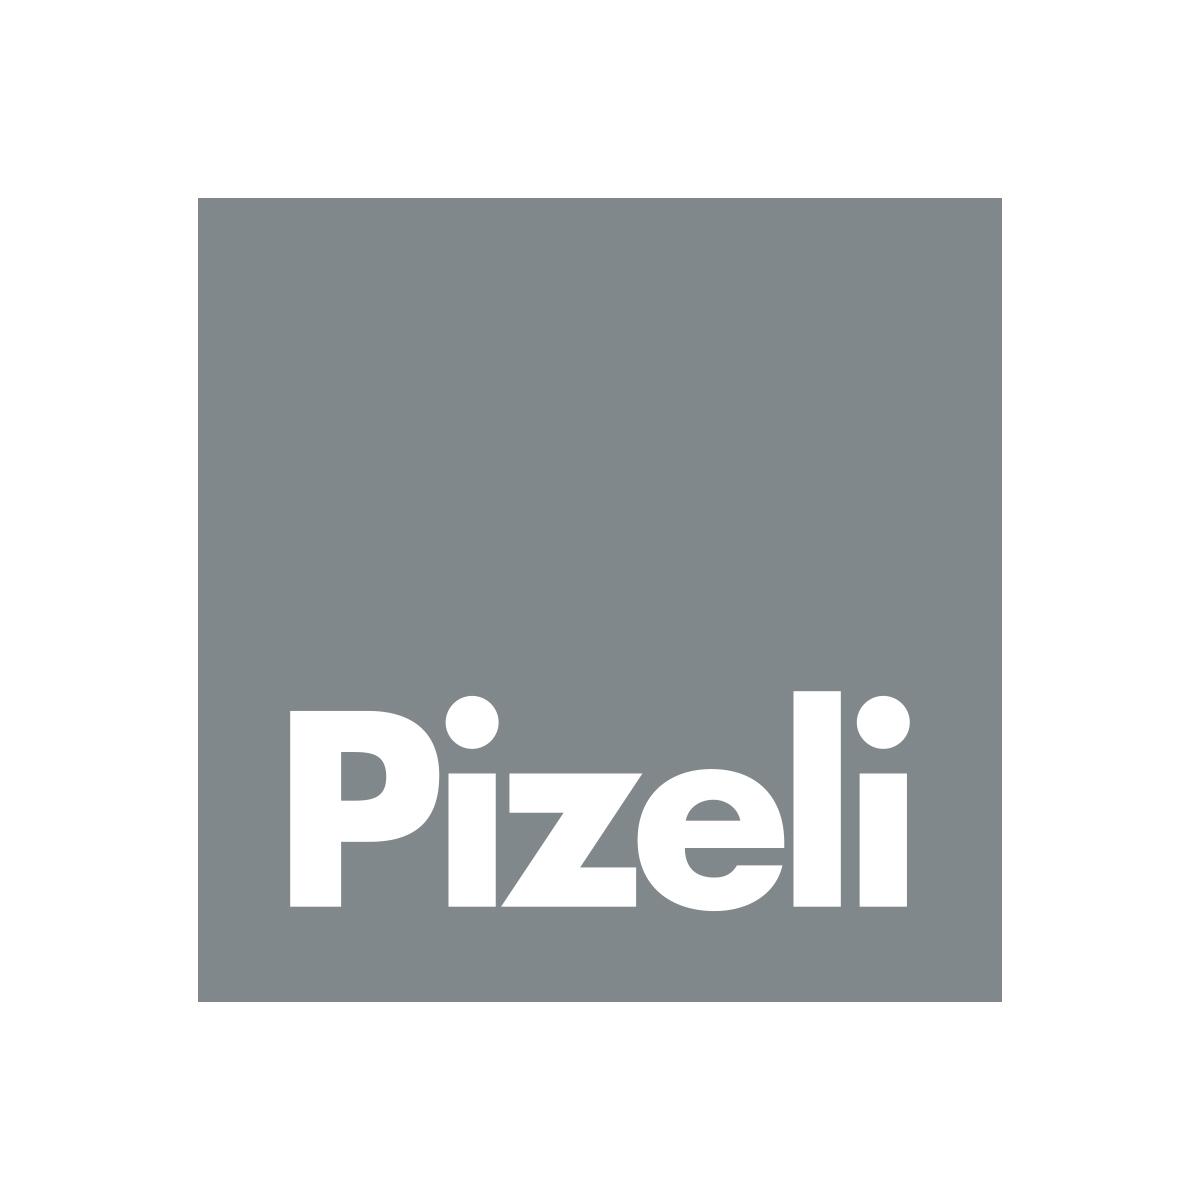 Pizeli